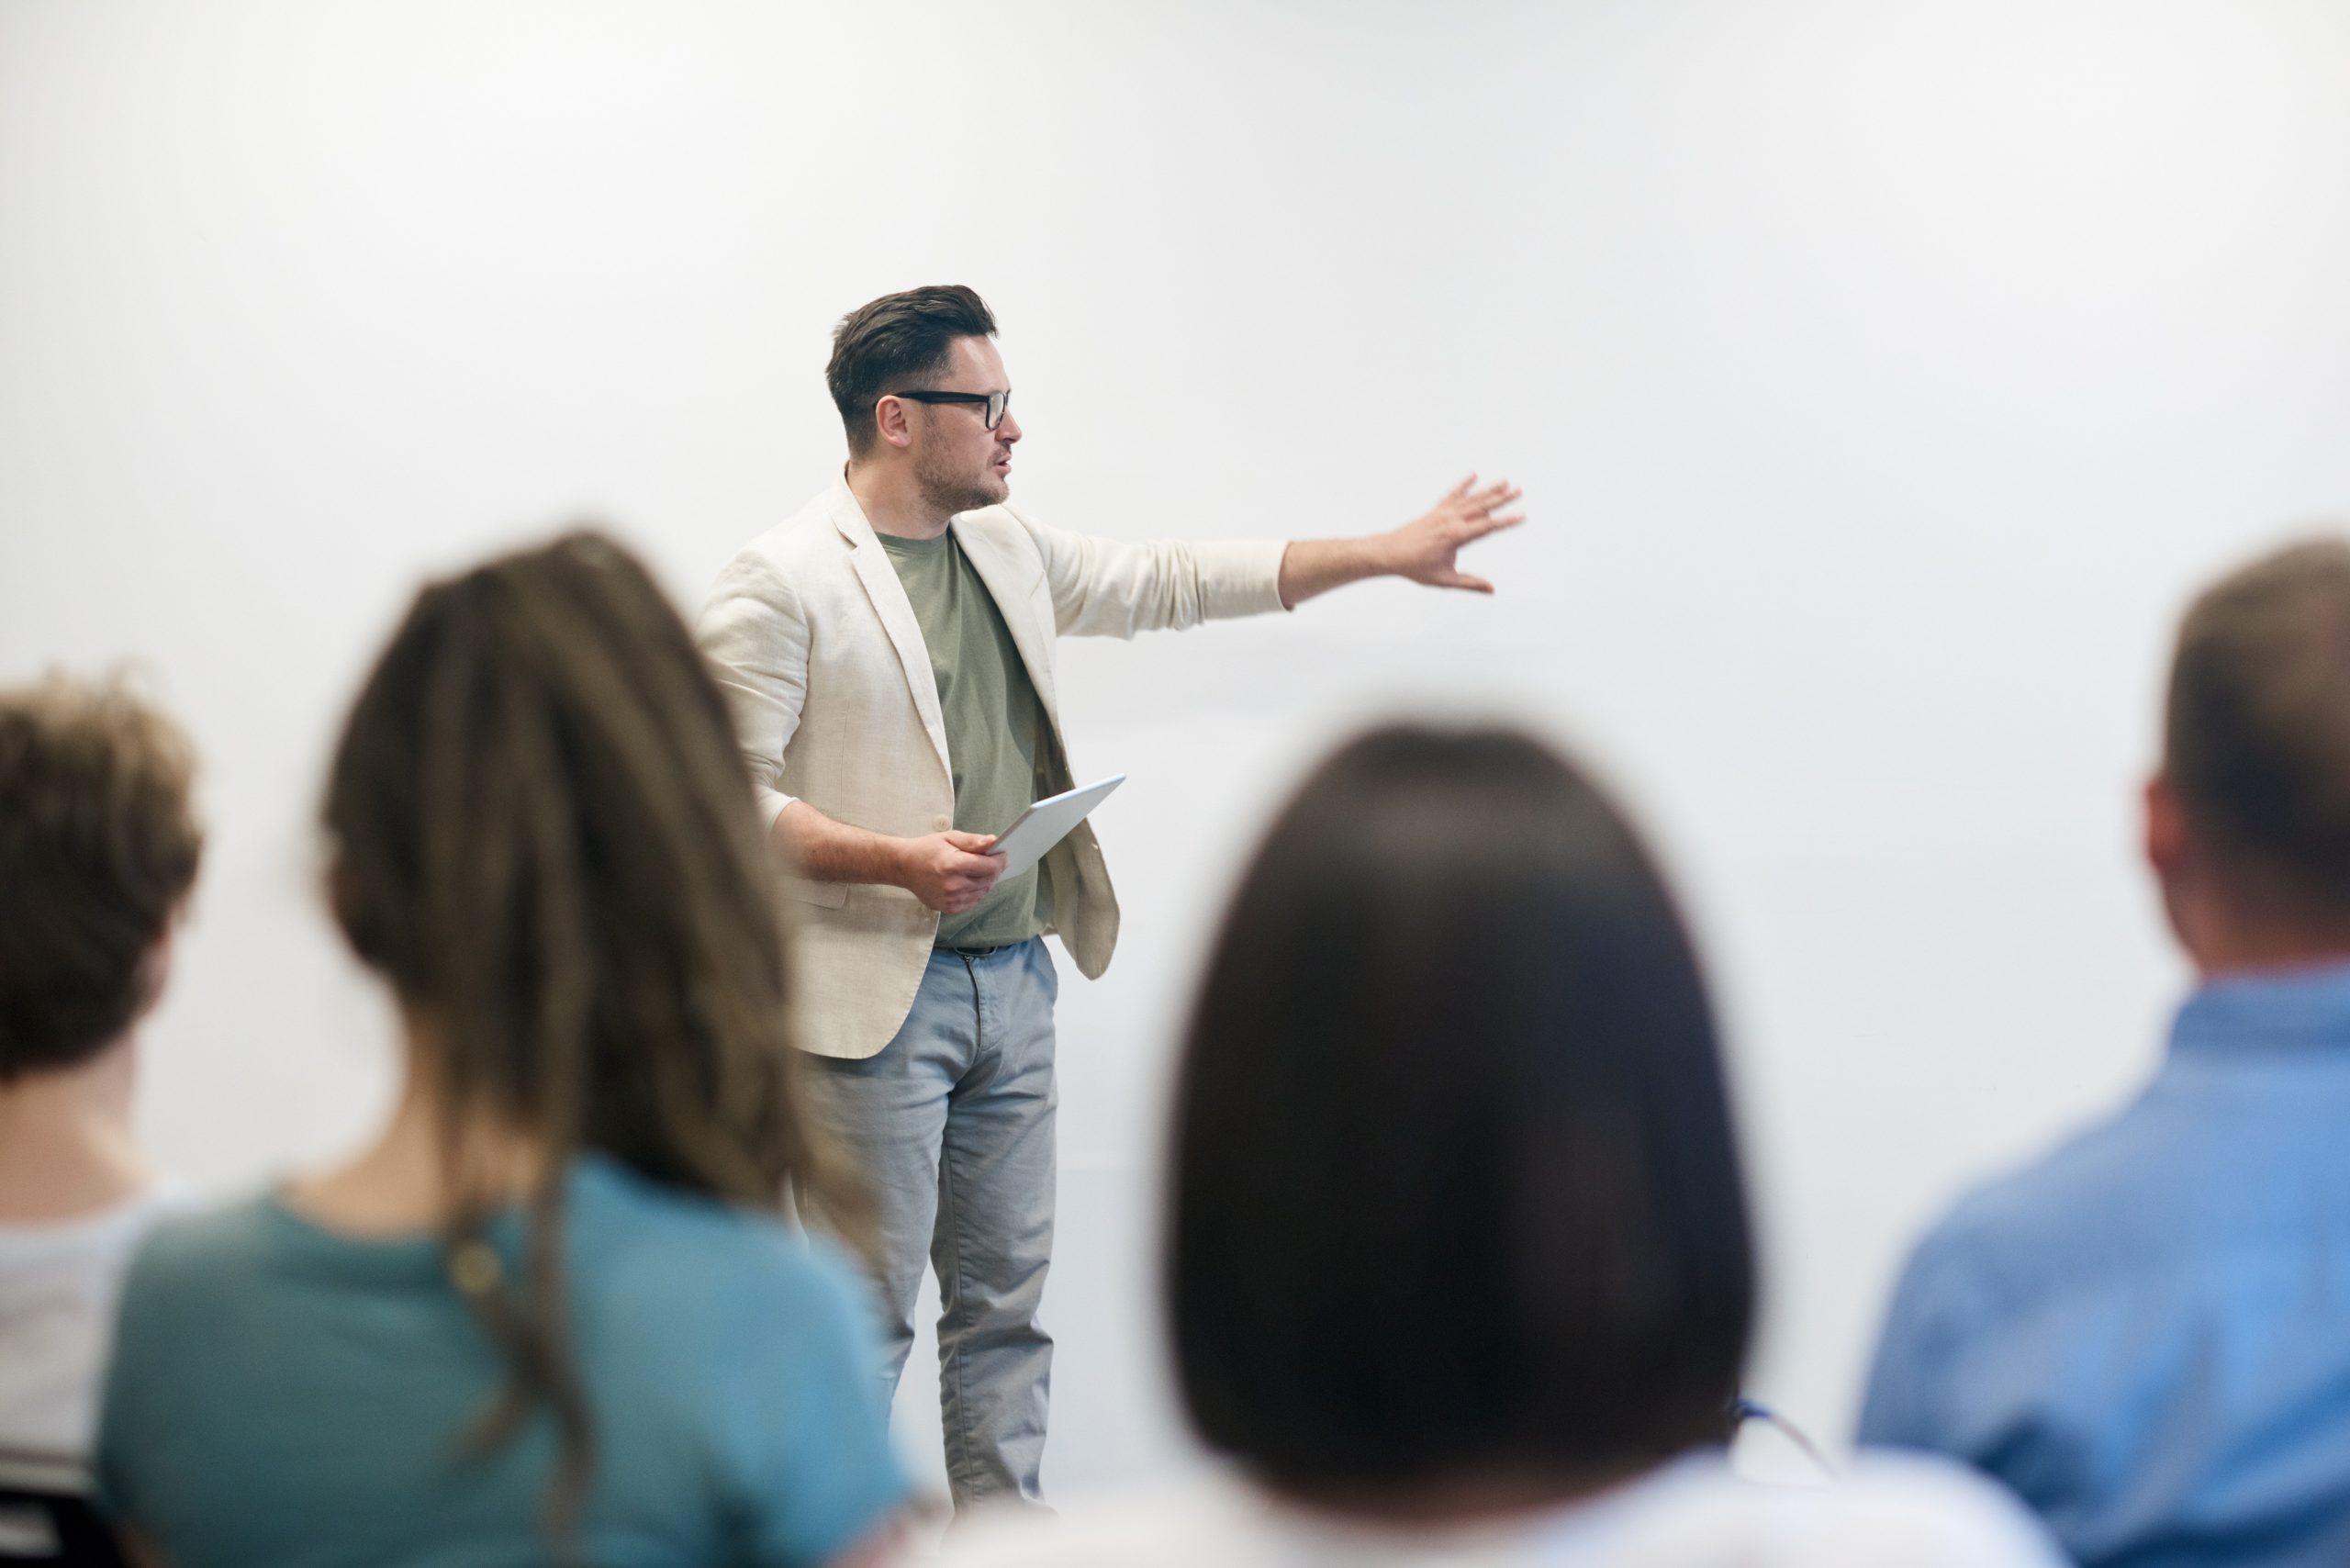 Formateur qui donne un cours à des apprenants